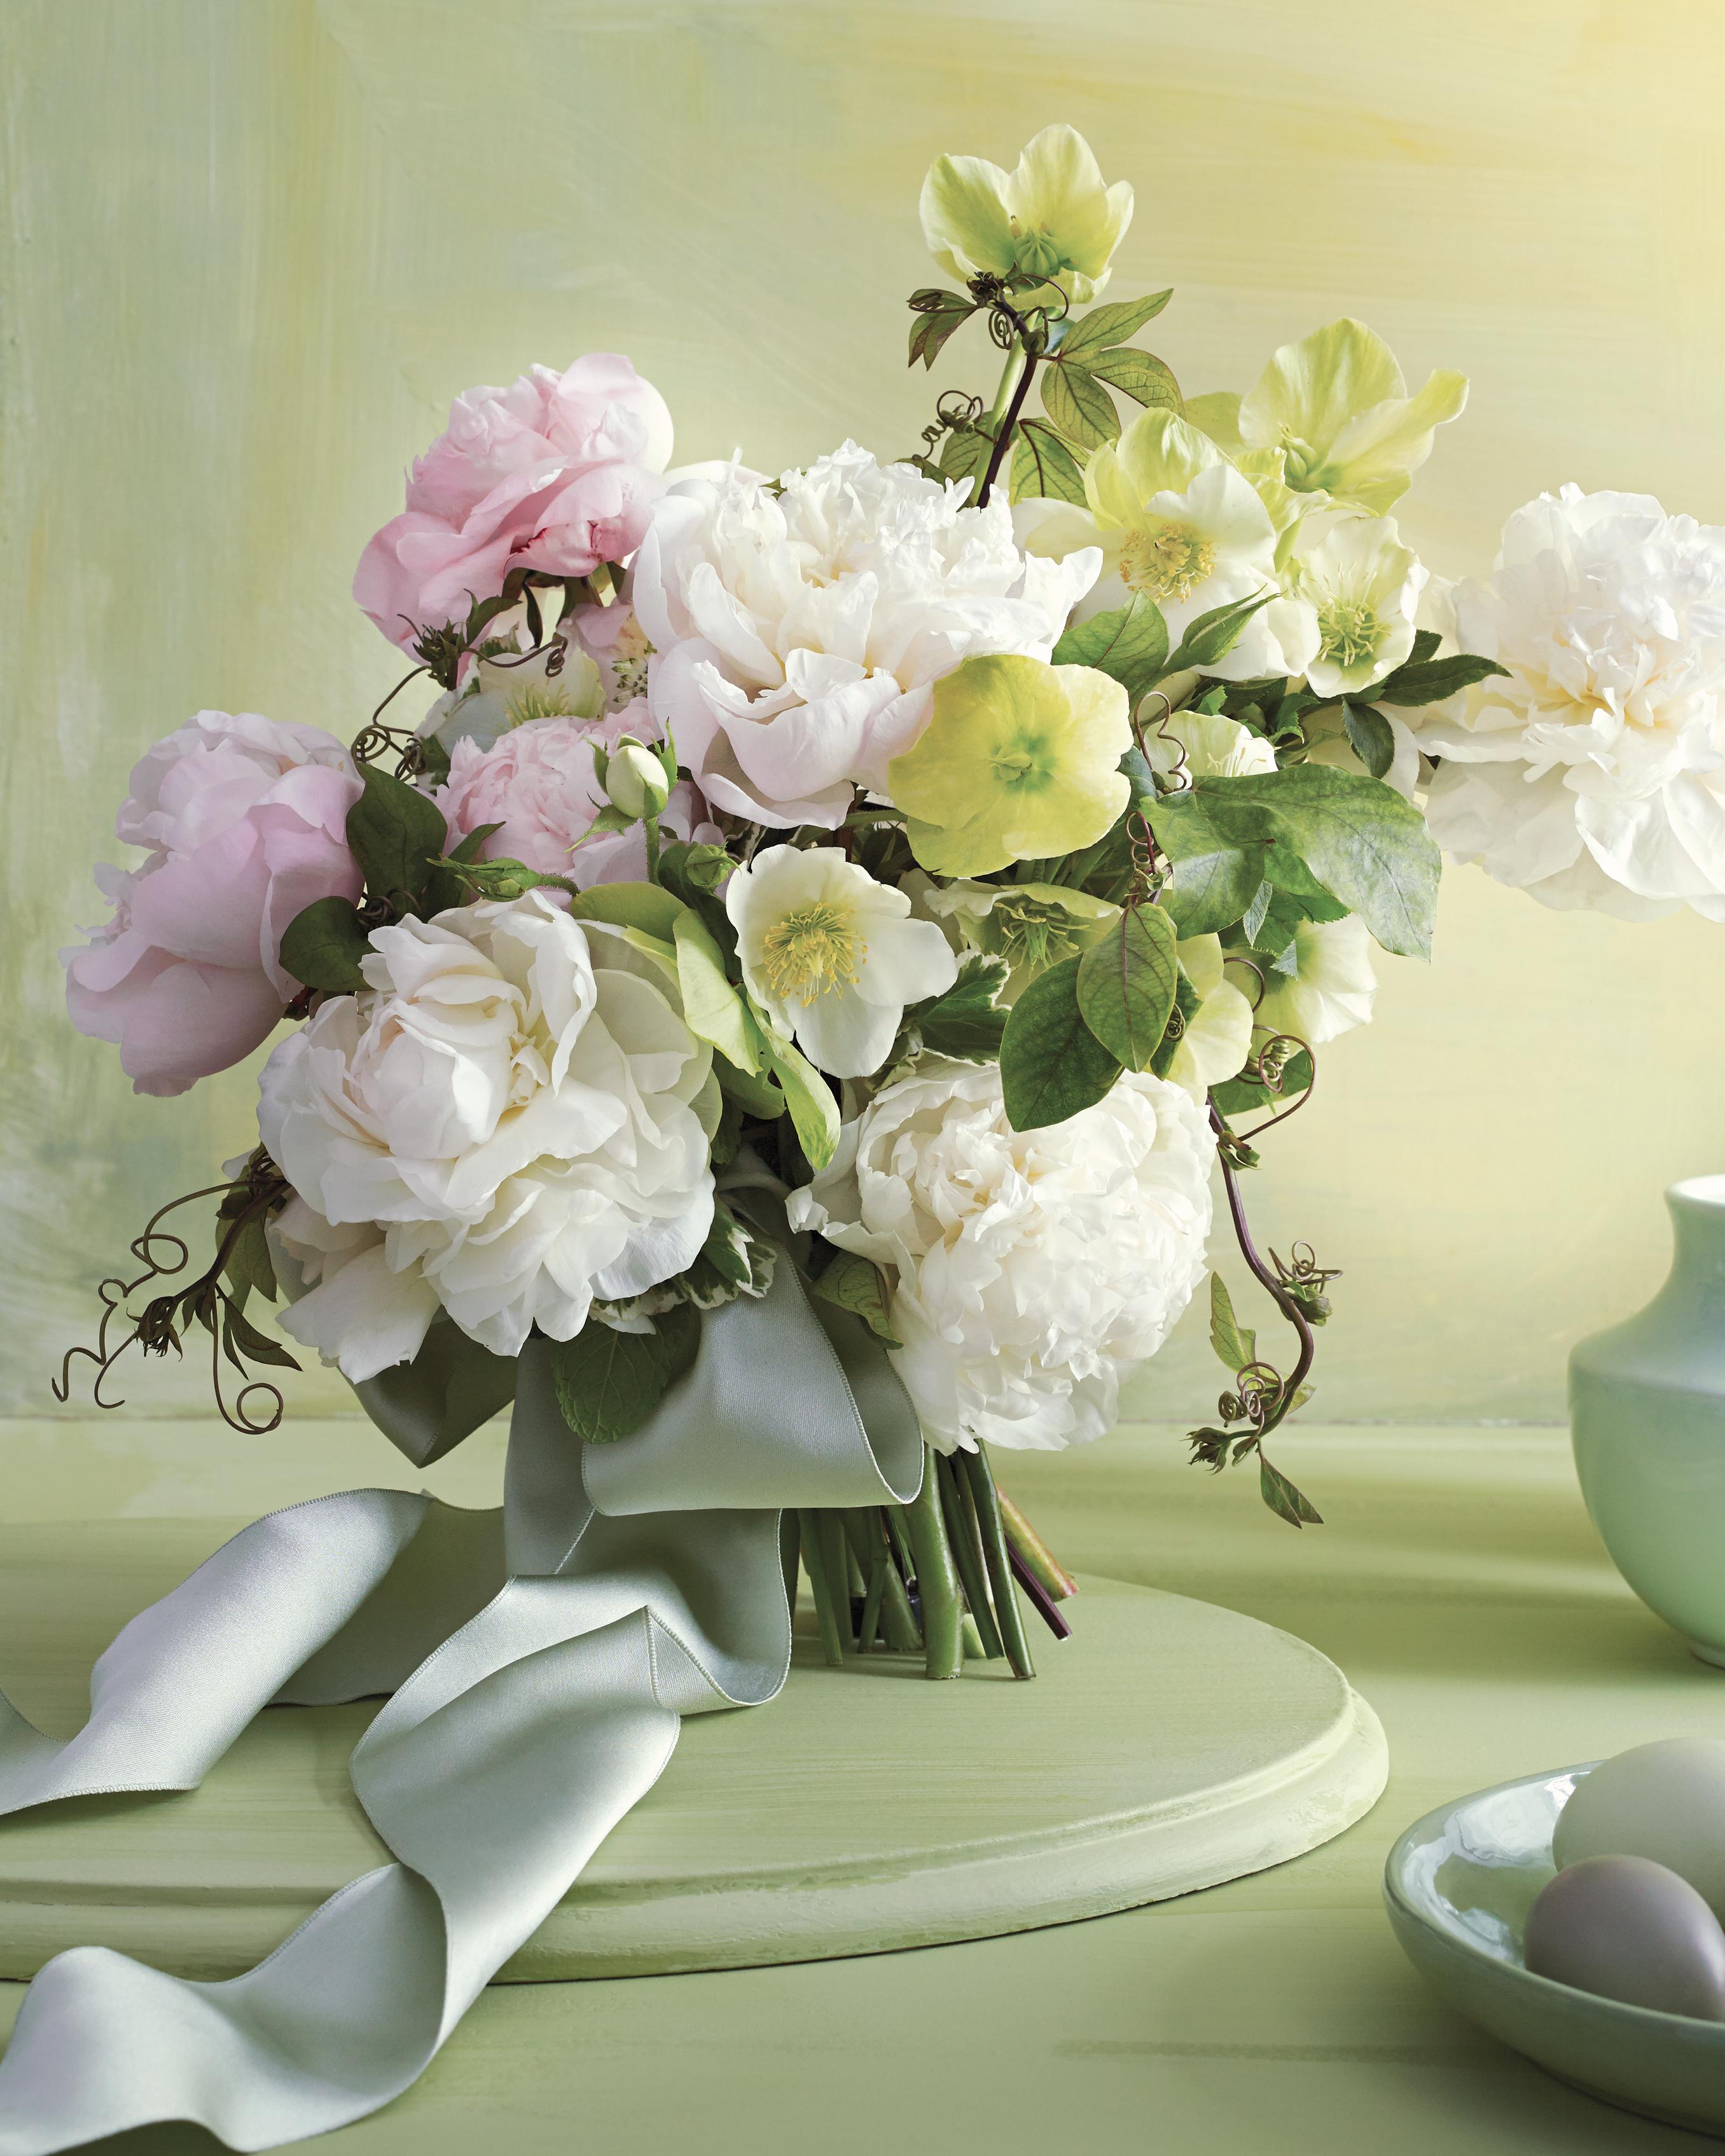 spring-2-bouquet-flowers-052-d111785.jpg